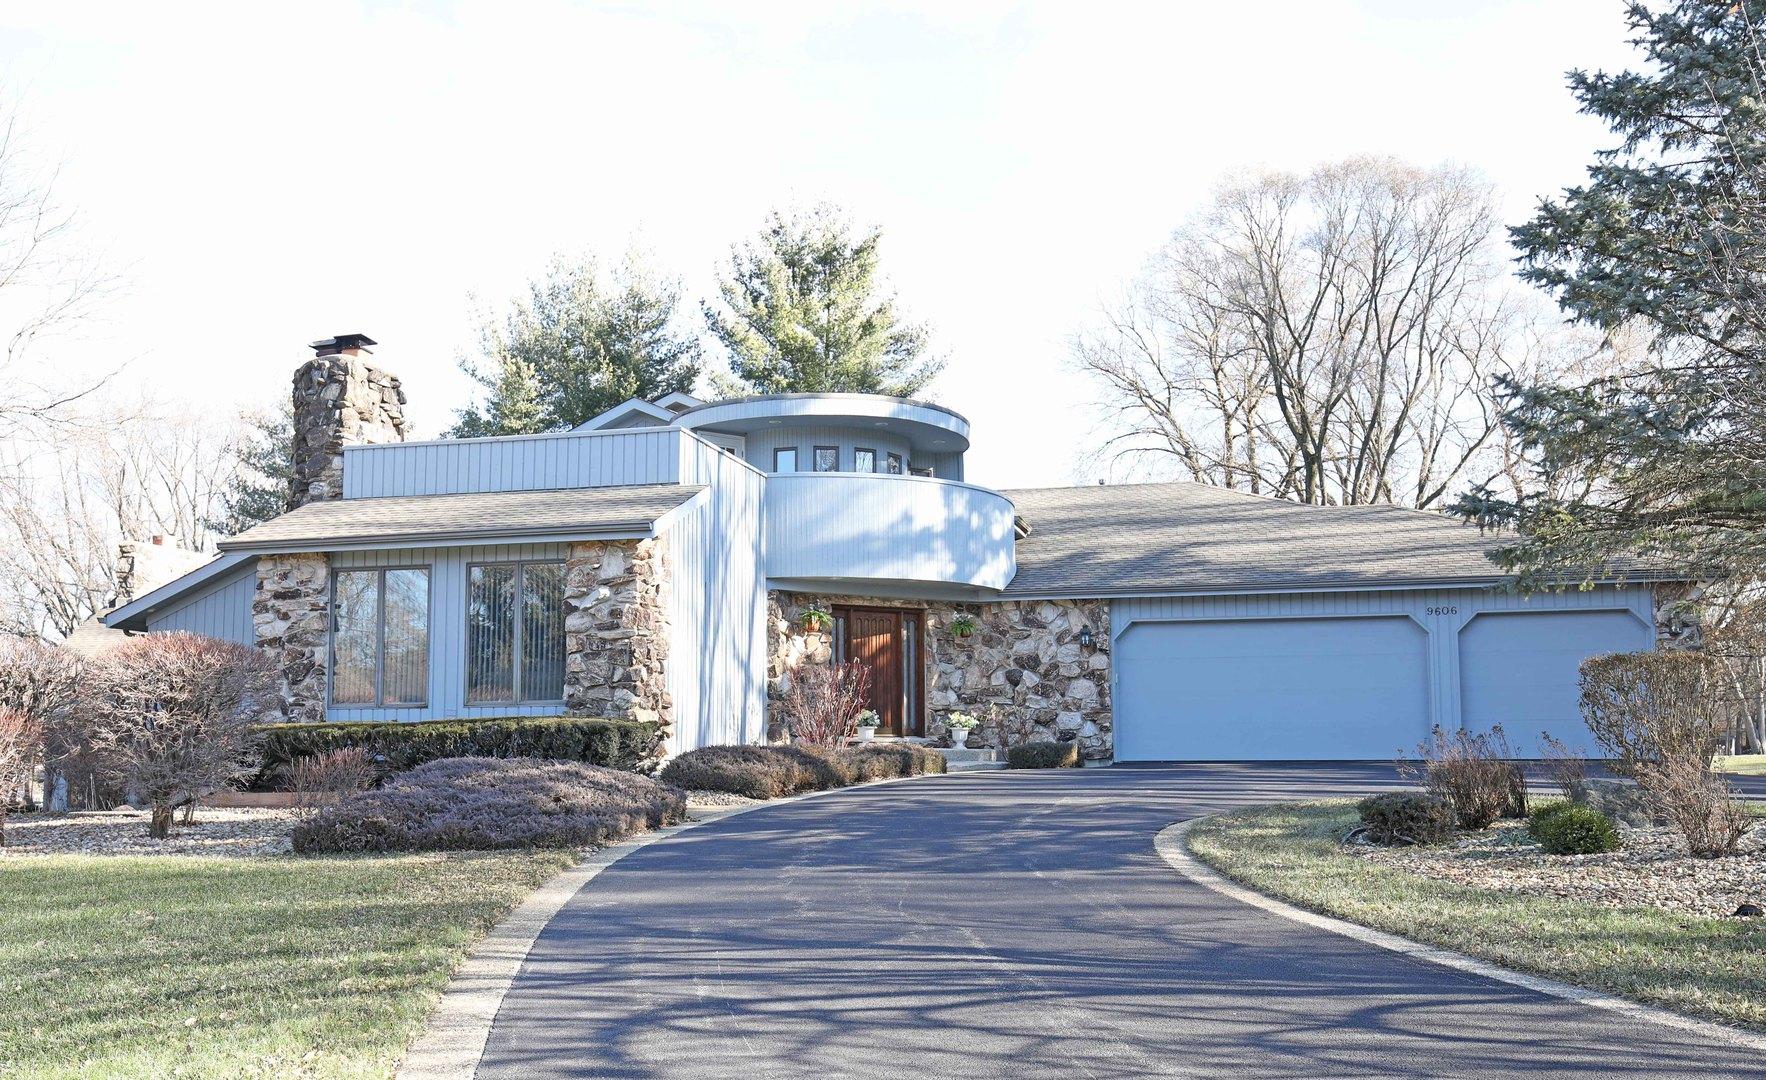 Property for sale at 9606 Captains Drive, Algonquin,  IL 60102